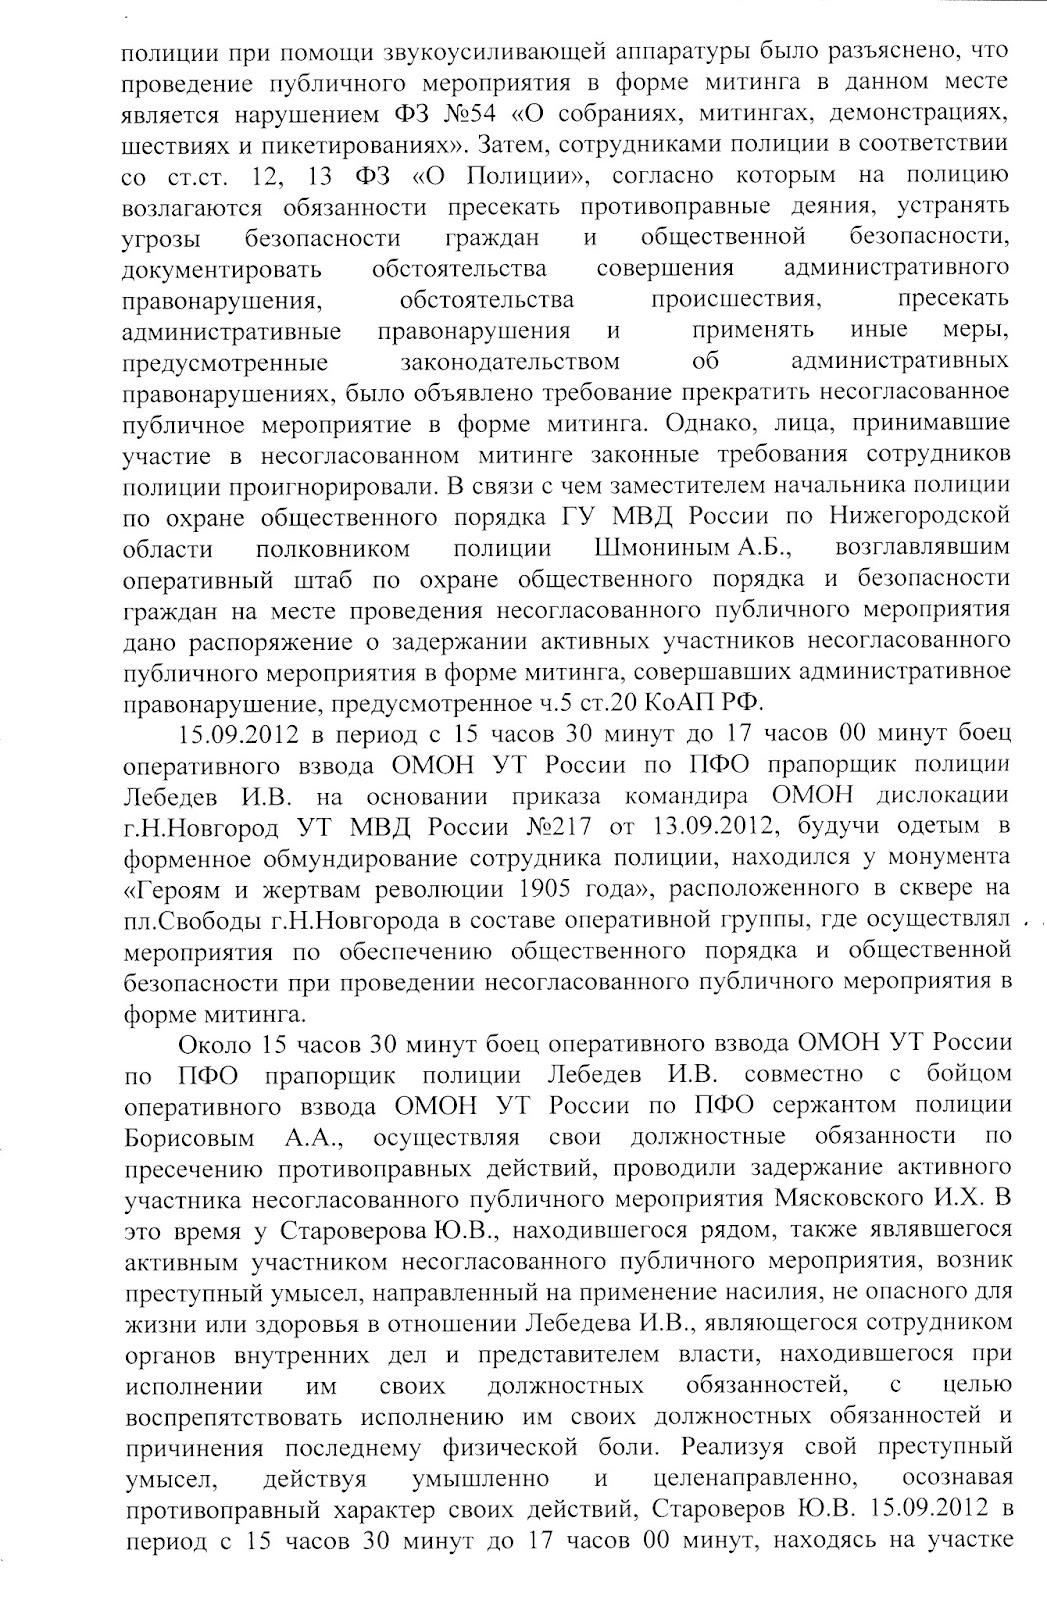 2015_2_сюжет по делу и лиманского, ст318 ч1 ук рф